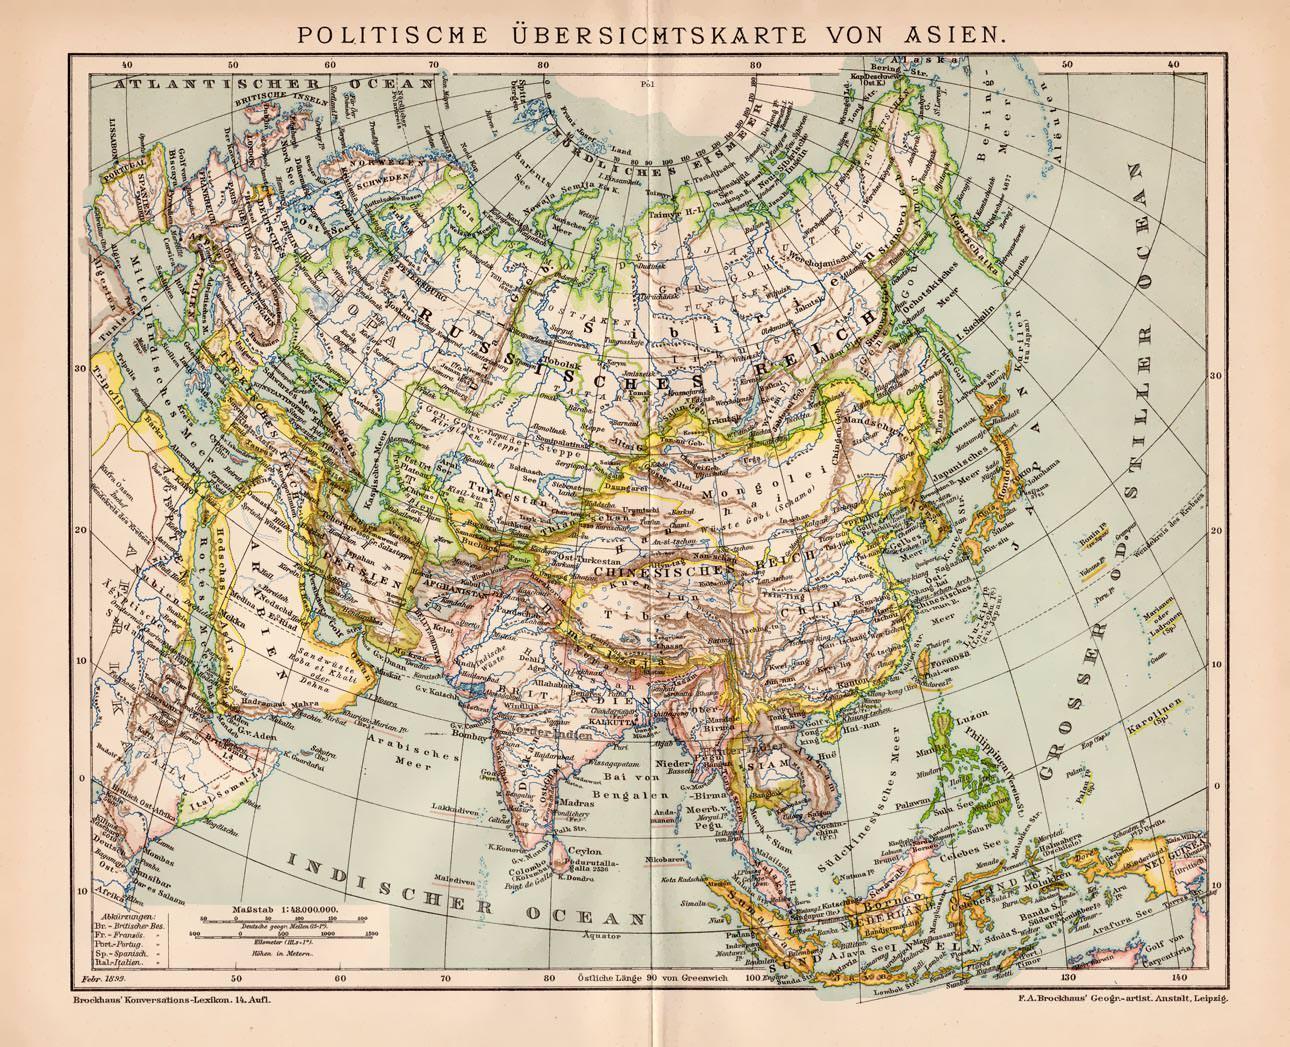 Politische Karte Asien.Alte Historische Landkarte Politische Karte